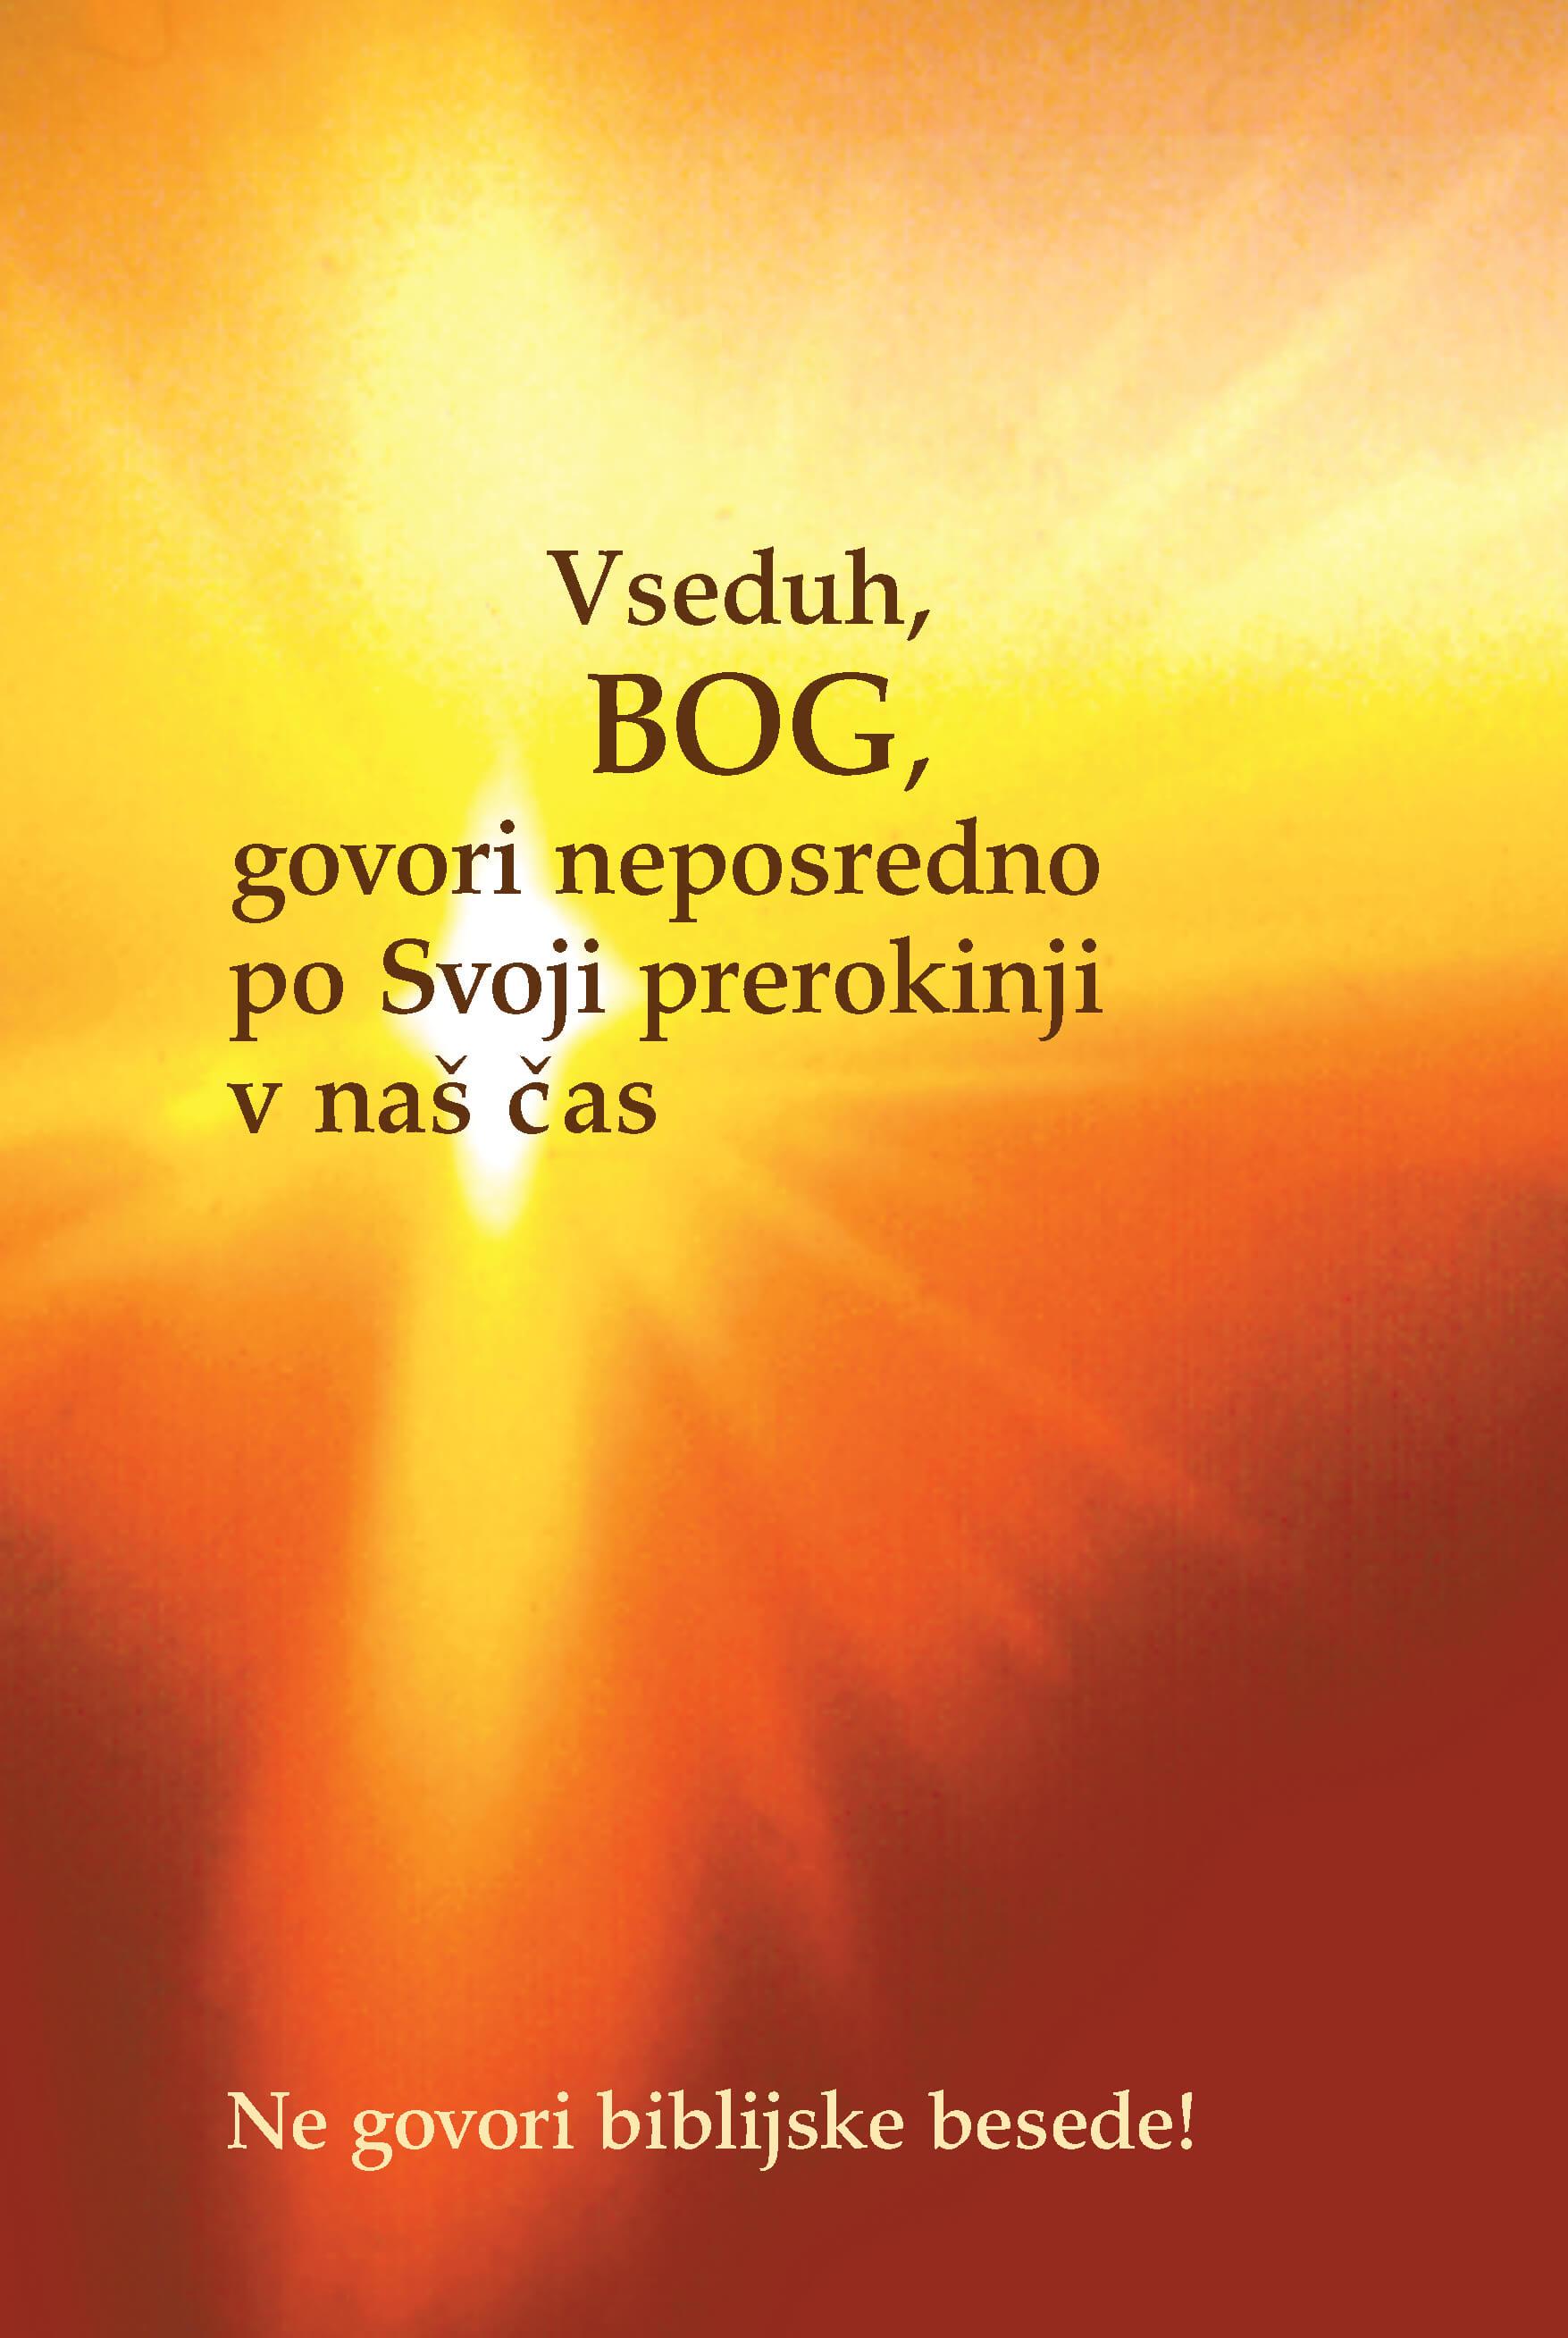 Vseduh, Bog, govori neposredno po Svoji prerokinji v naš čas